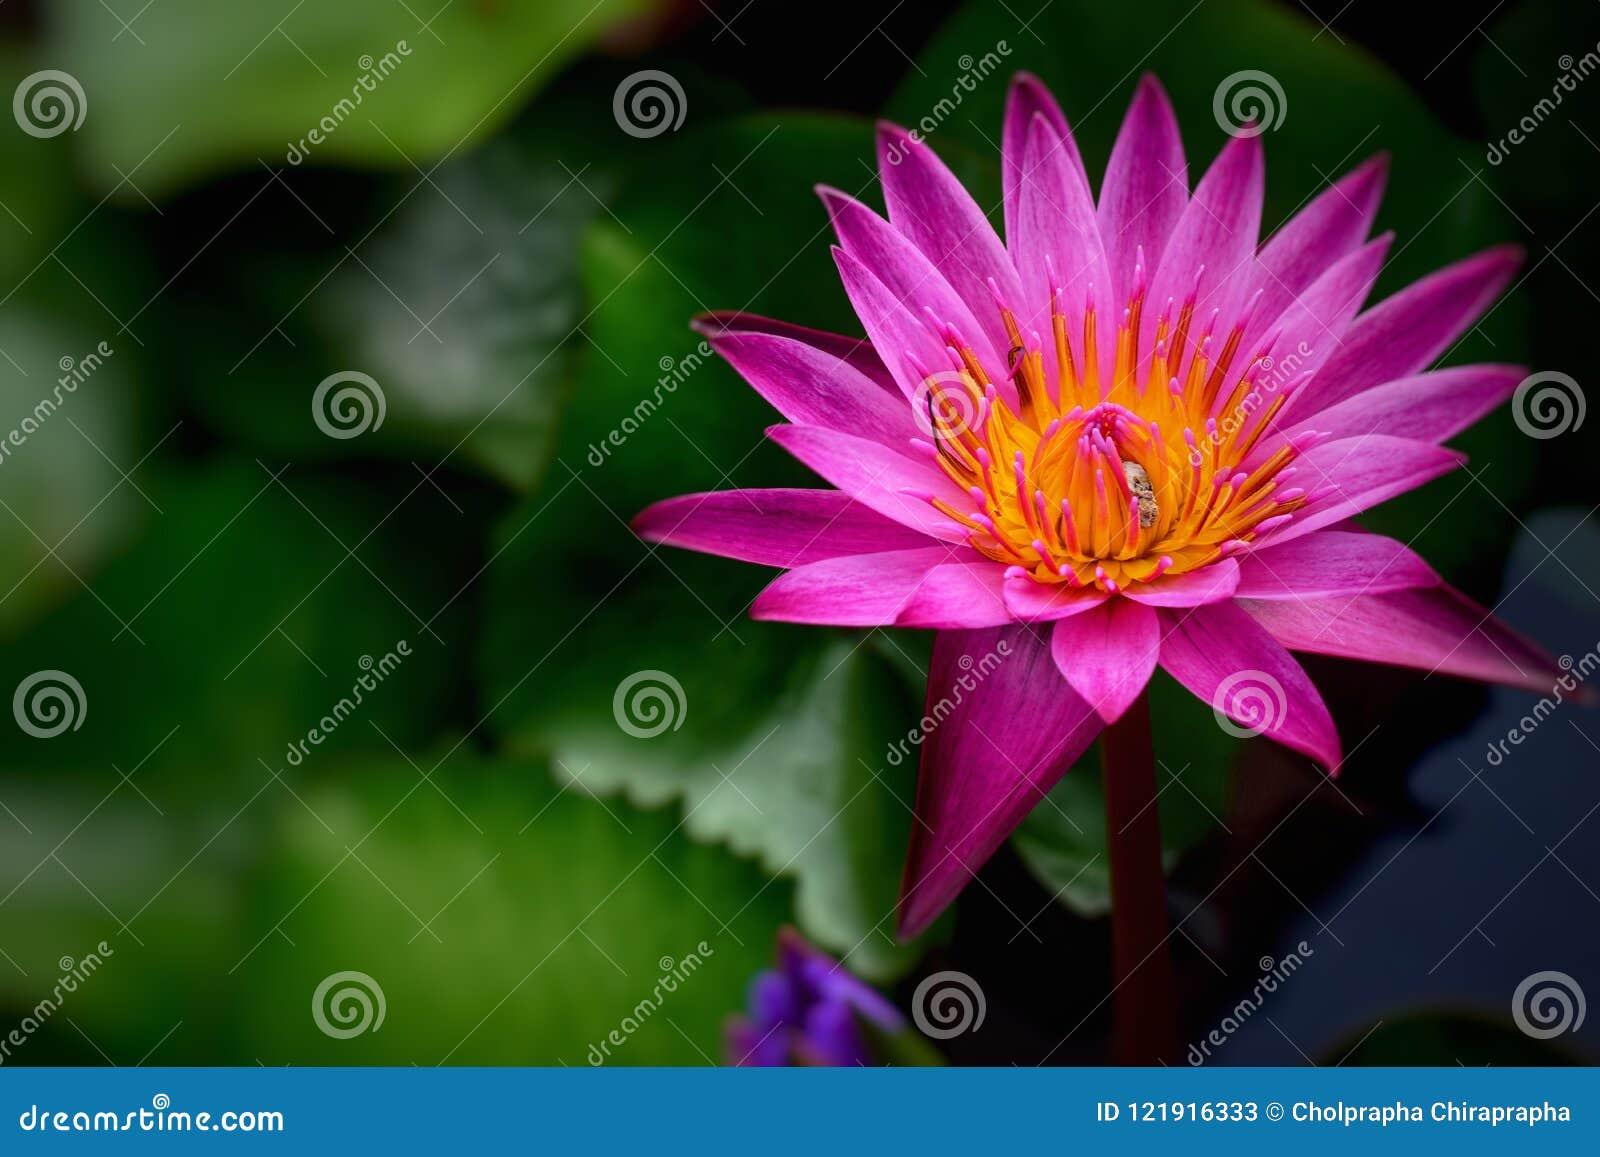 Flor de Lotus púrpura, fondos de la flor